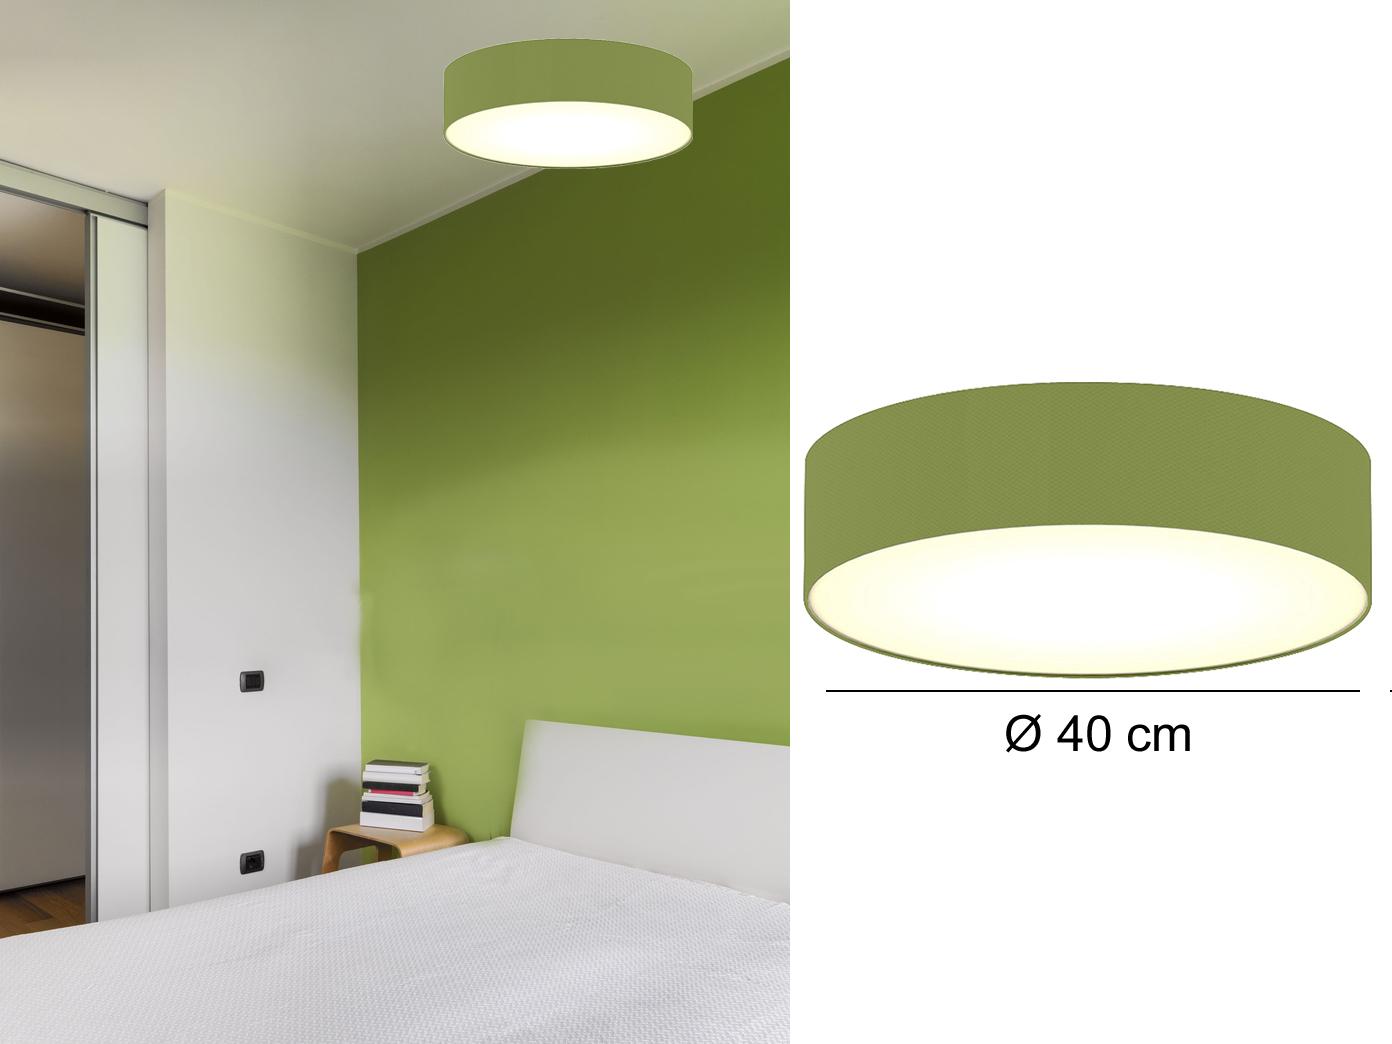 Awesome Deckenlampe Schlafzimmer Grun #12: Das Bild Wird Geladen DESIGN-Deckenleuchte-CEILING-DREAM-Rund-40-cm-Stoff-